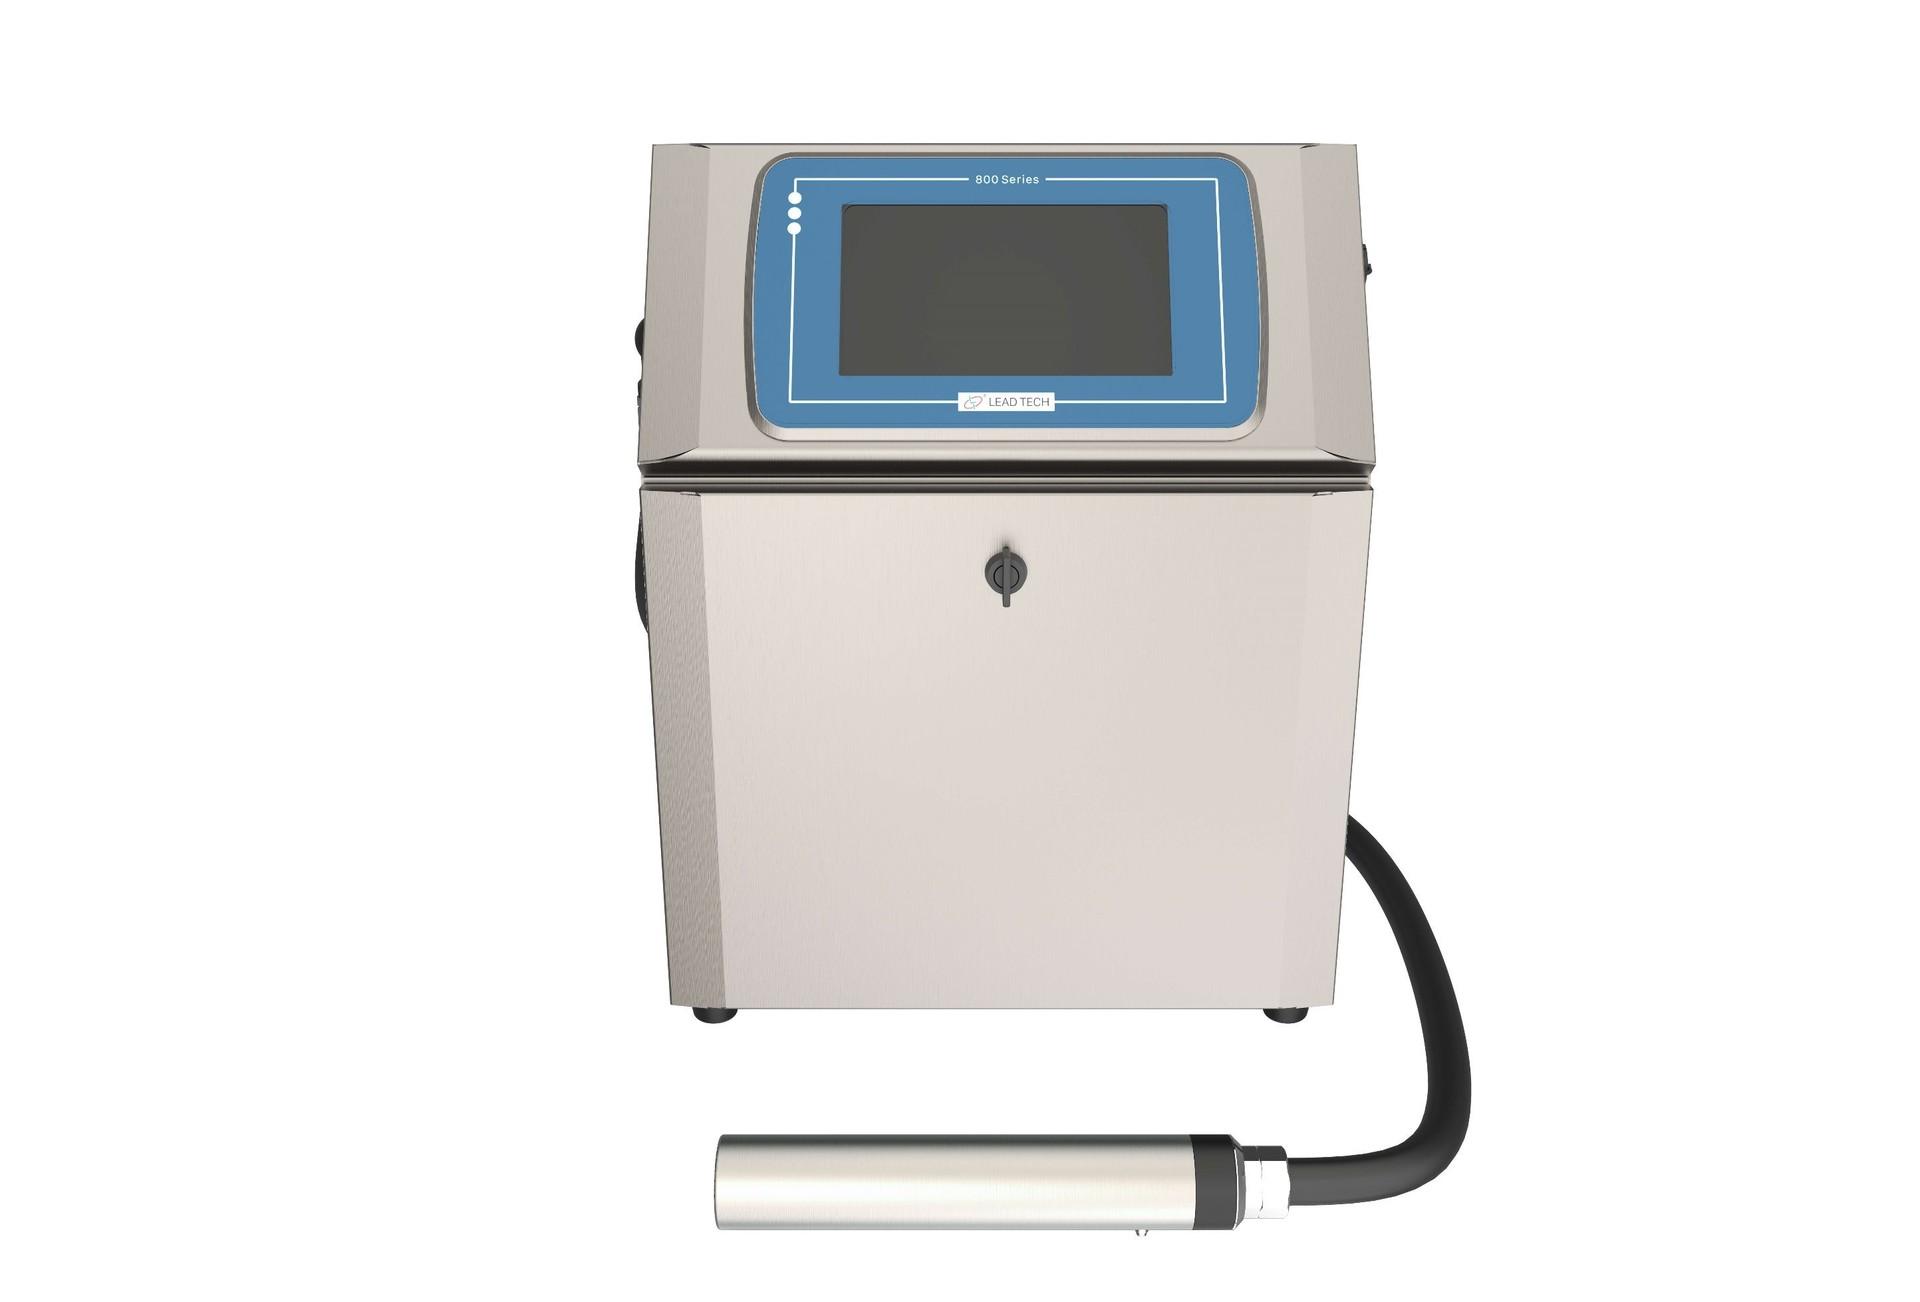 Lead Tech Lt800 Date Coder for Beer Pipe Coding Cij Inkjet Printer